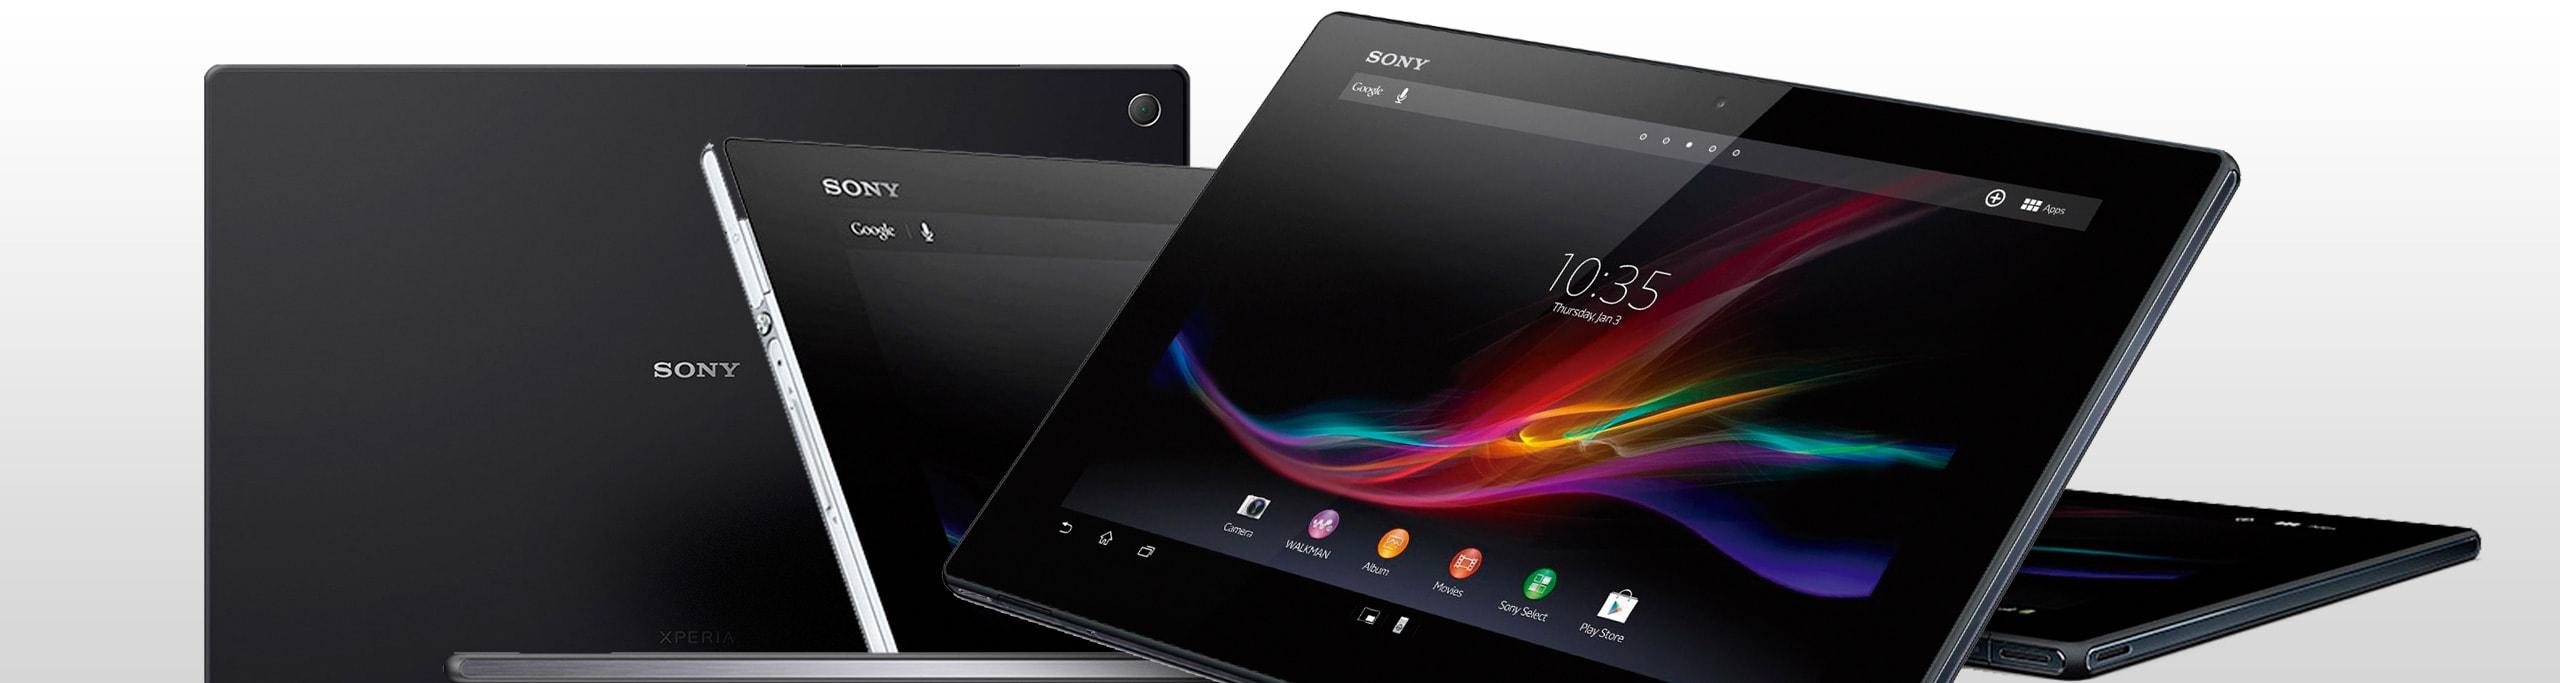 Z2 Tablet